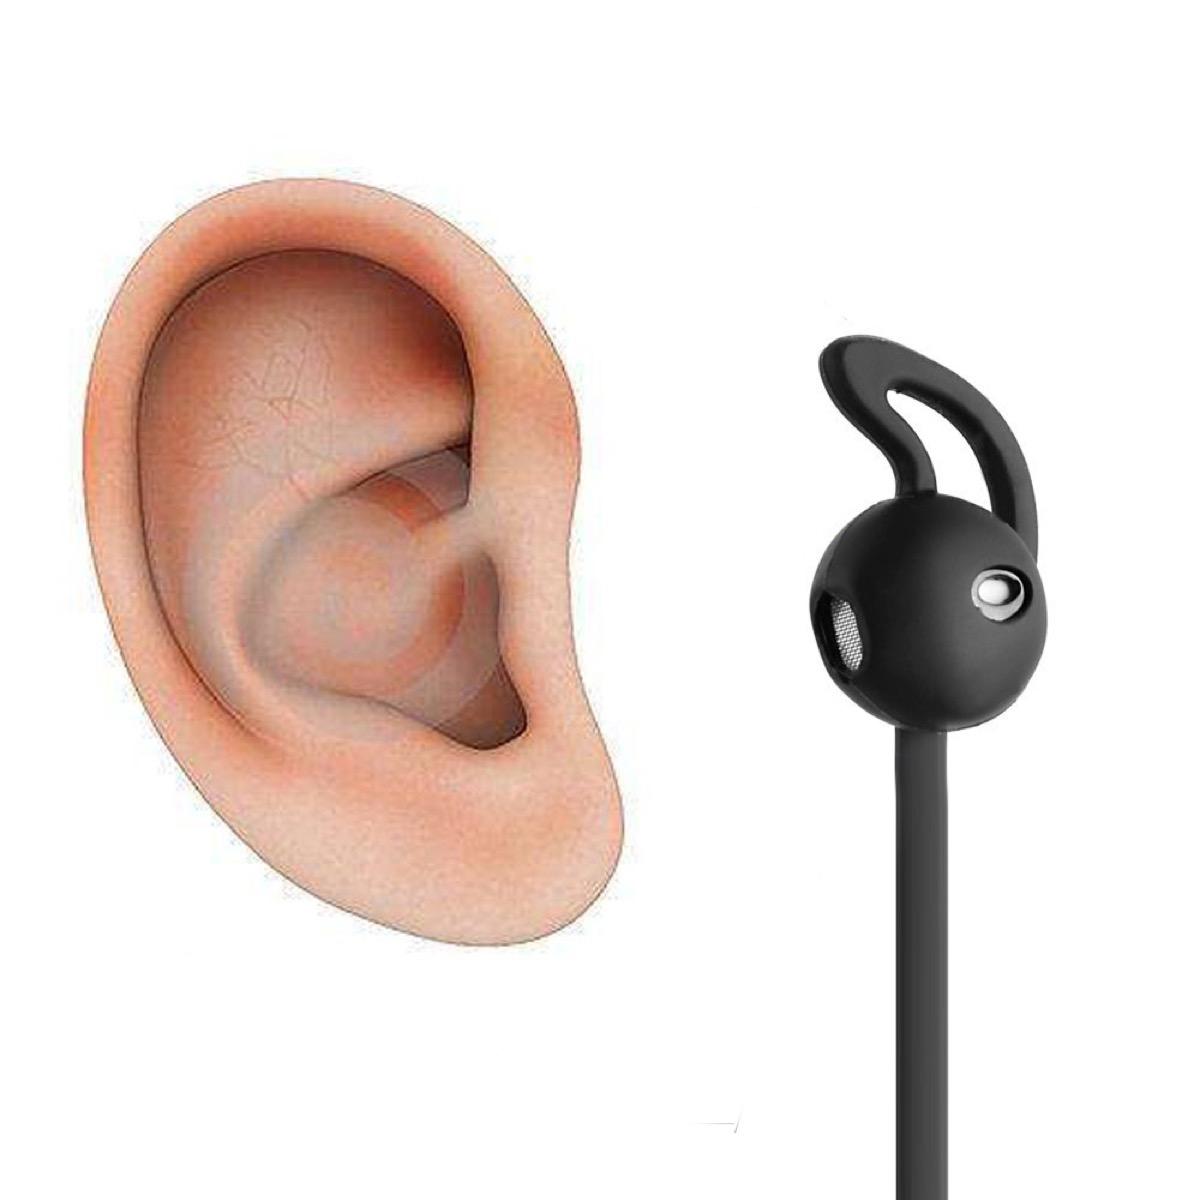 Auricolari Bluetooth per sportivi con aggancio magnetico  solo 15 64e9a7bcab00